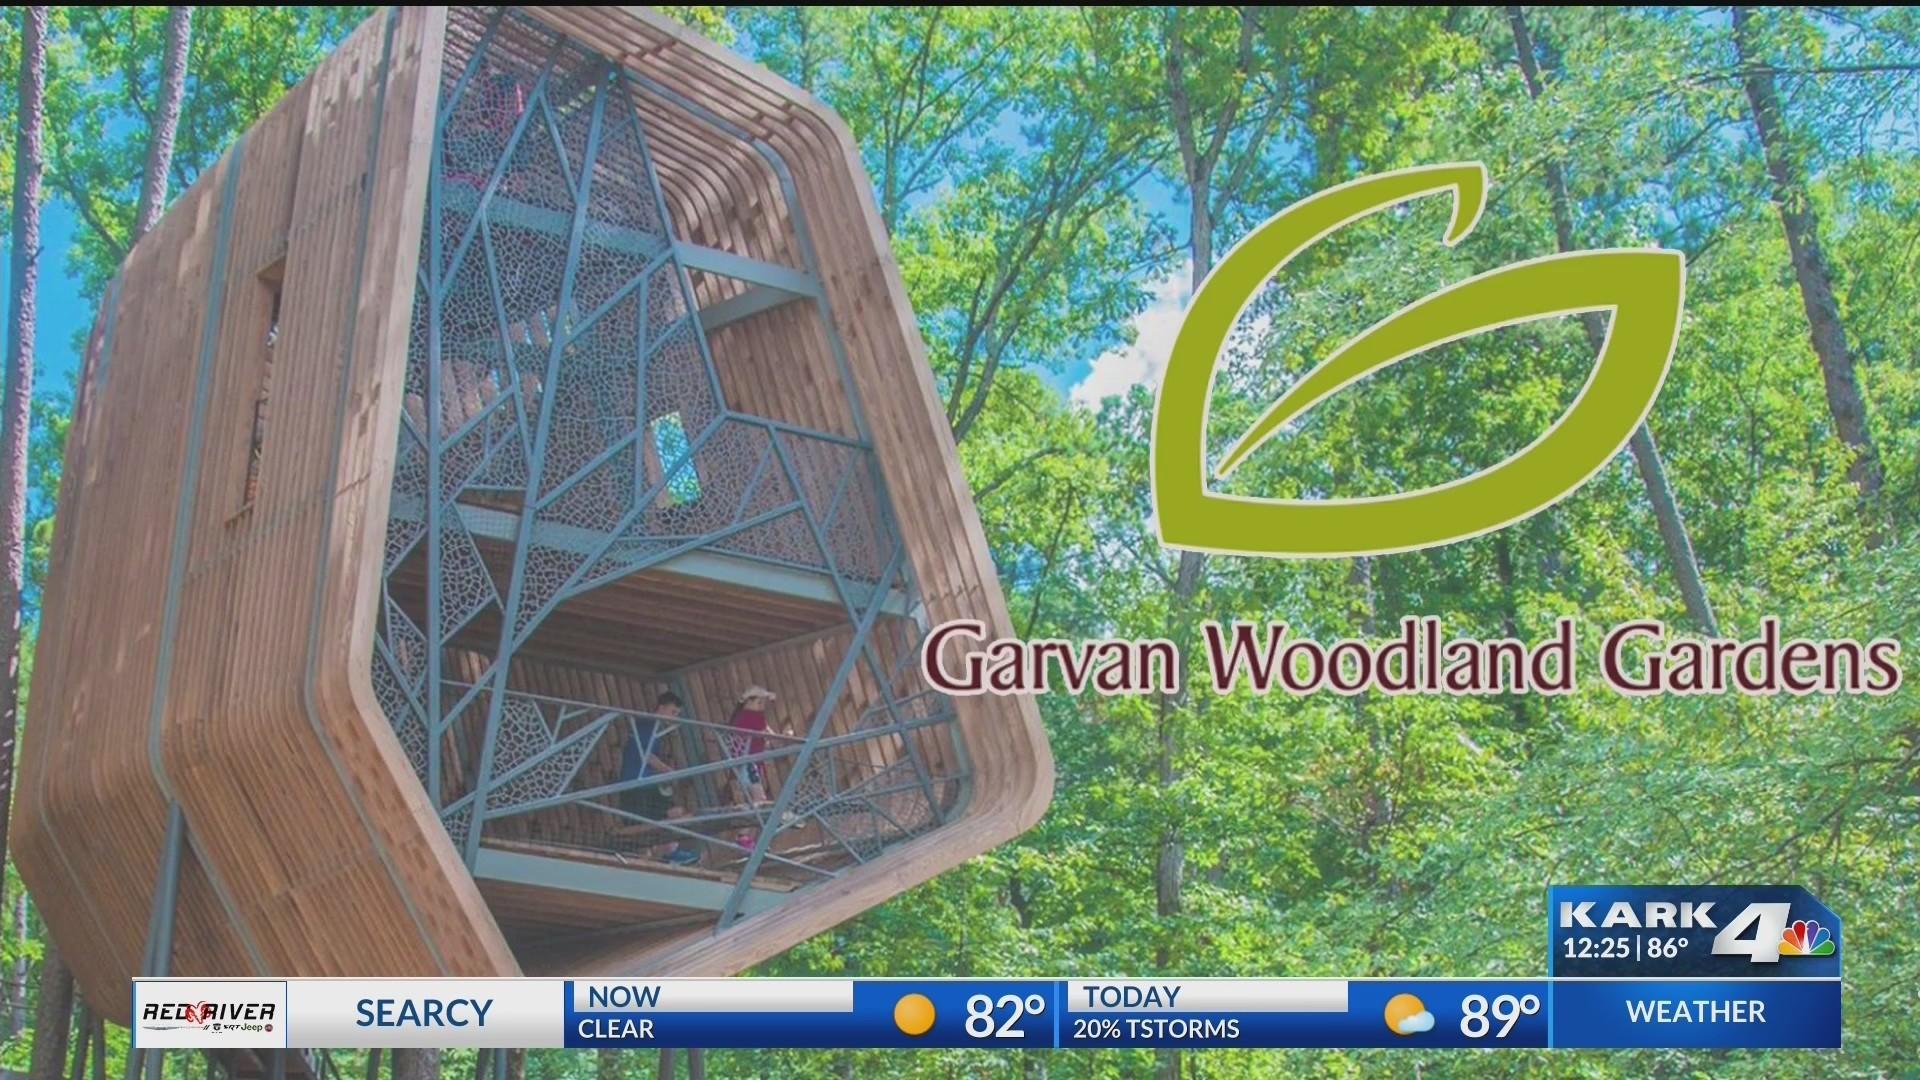 Summer_Activities_with_Garvan_Woodland_G_0_20190604172900-118809306